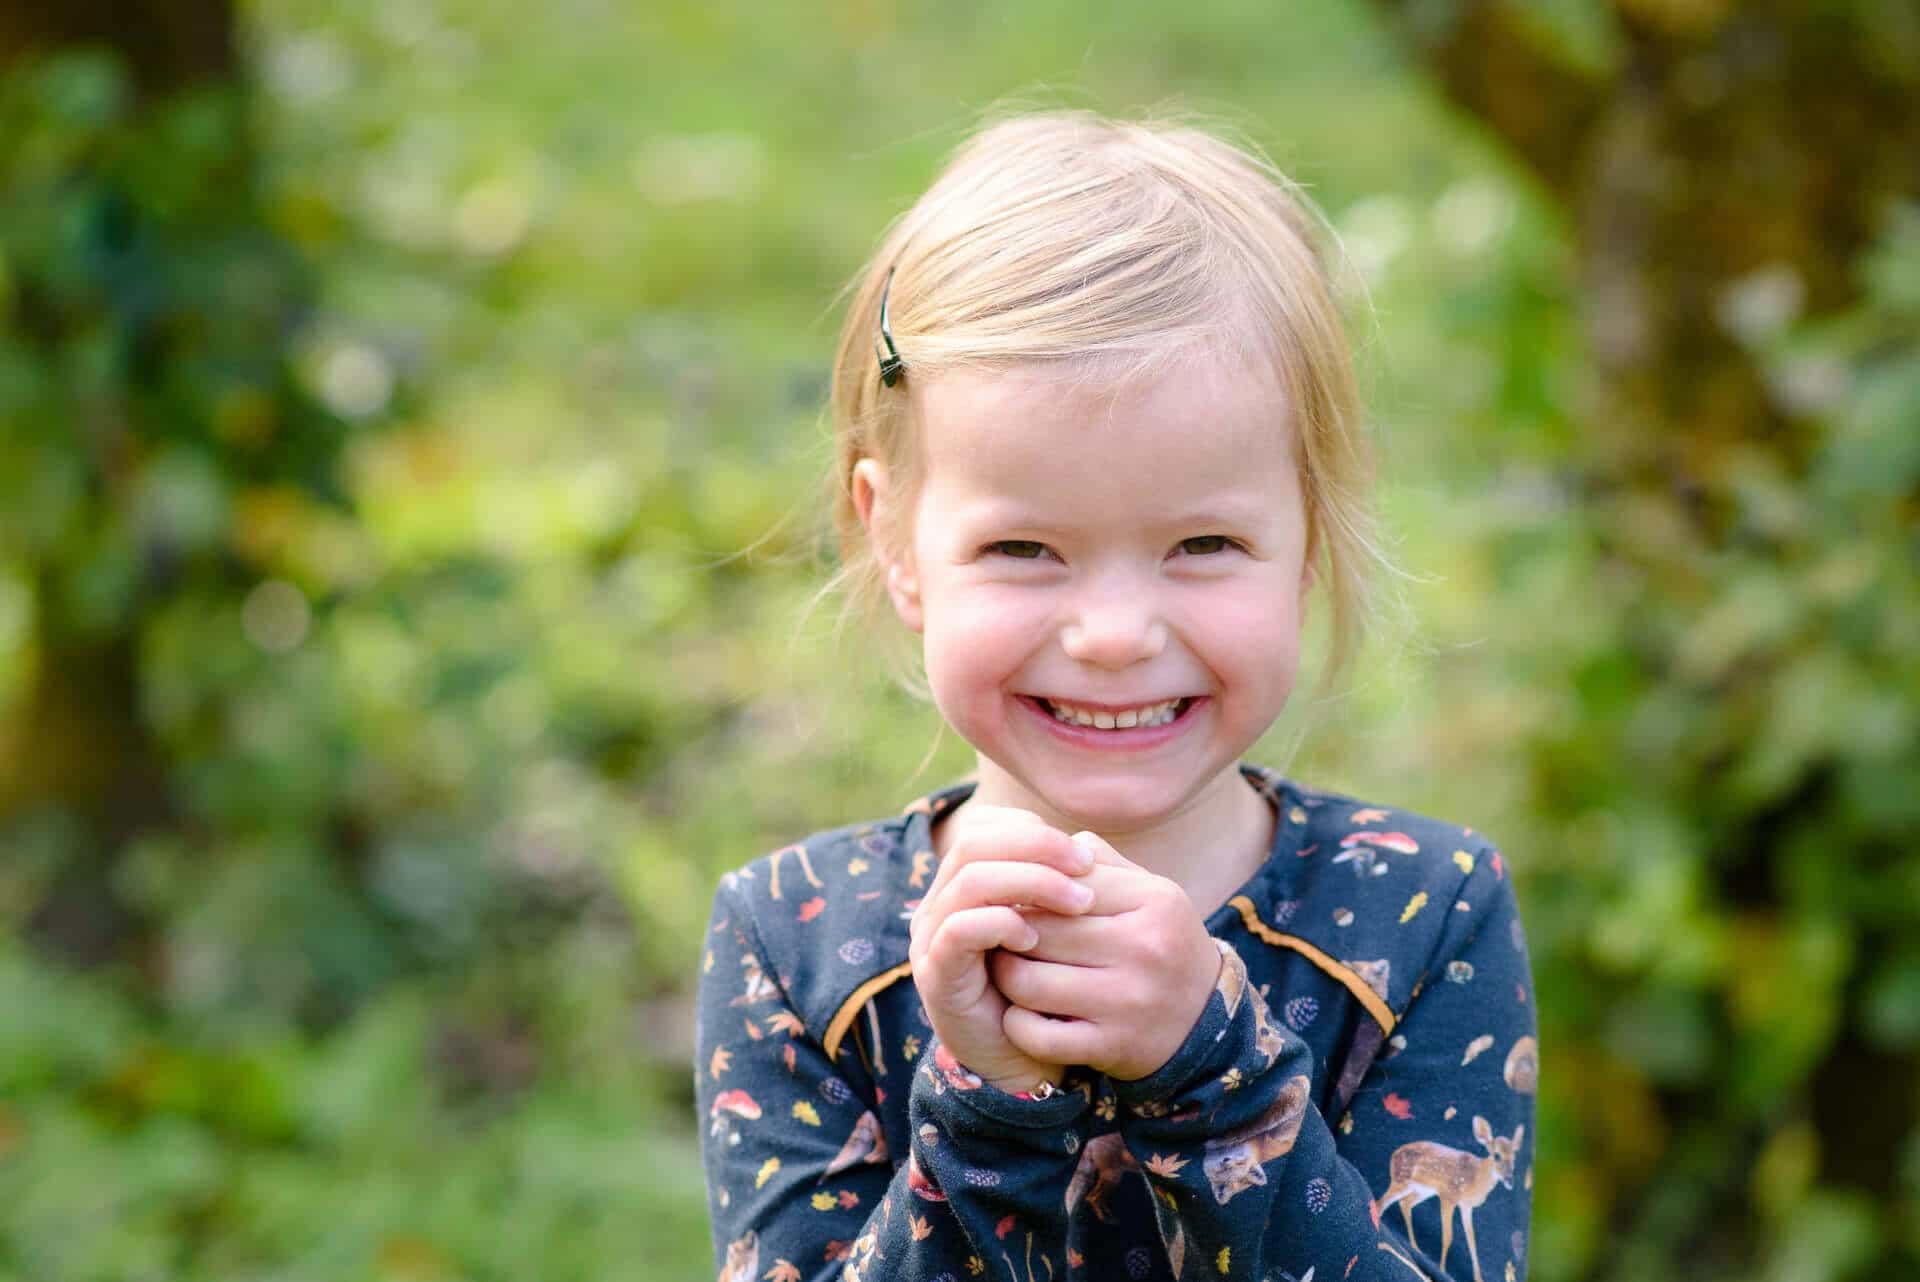 Kinderfotografie Haarlem door kinderfotograaf Grietje Mesman